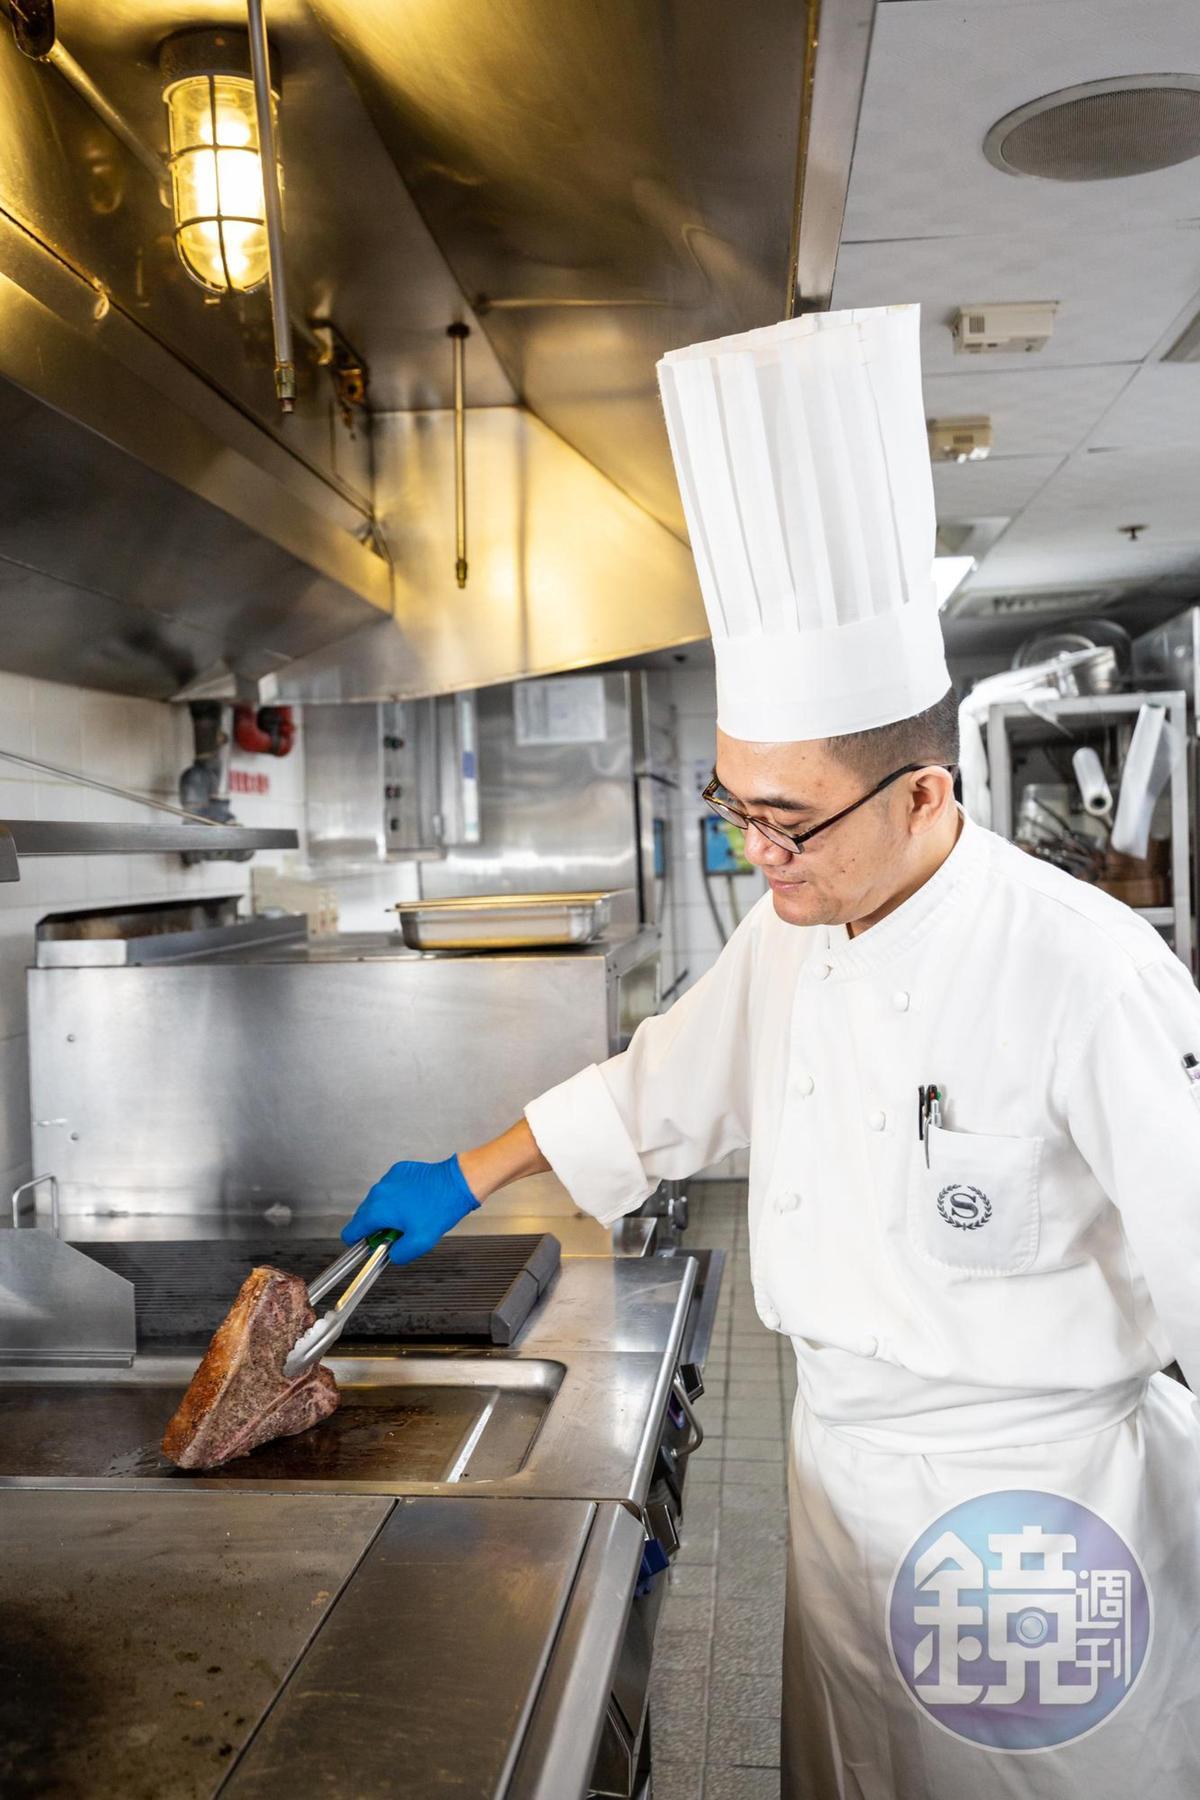 主廚張守義是台灣10年前開始引進熟成牛肉技術的廚師群,對熟成技術充份掌握。